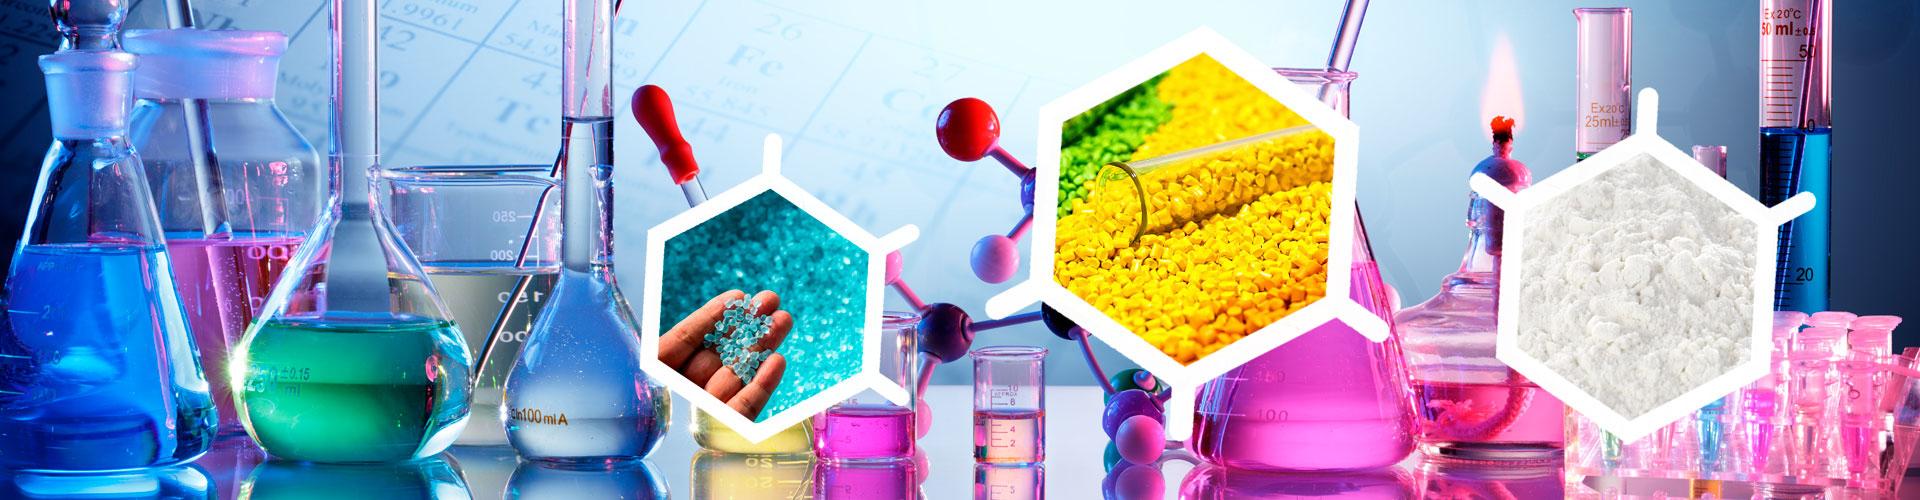 Картинки по запросу Широкий ассортимент химического сырья